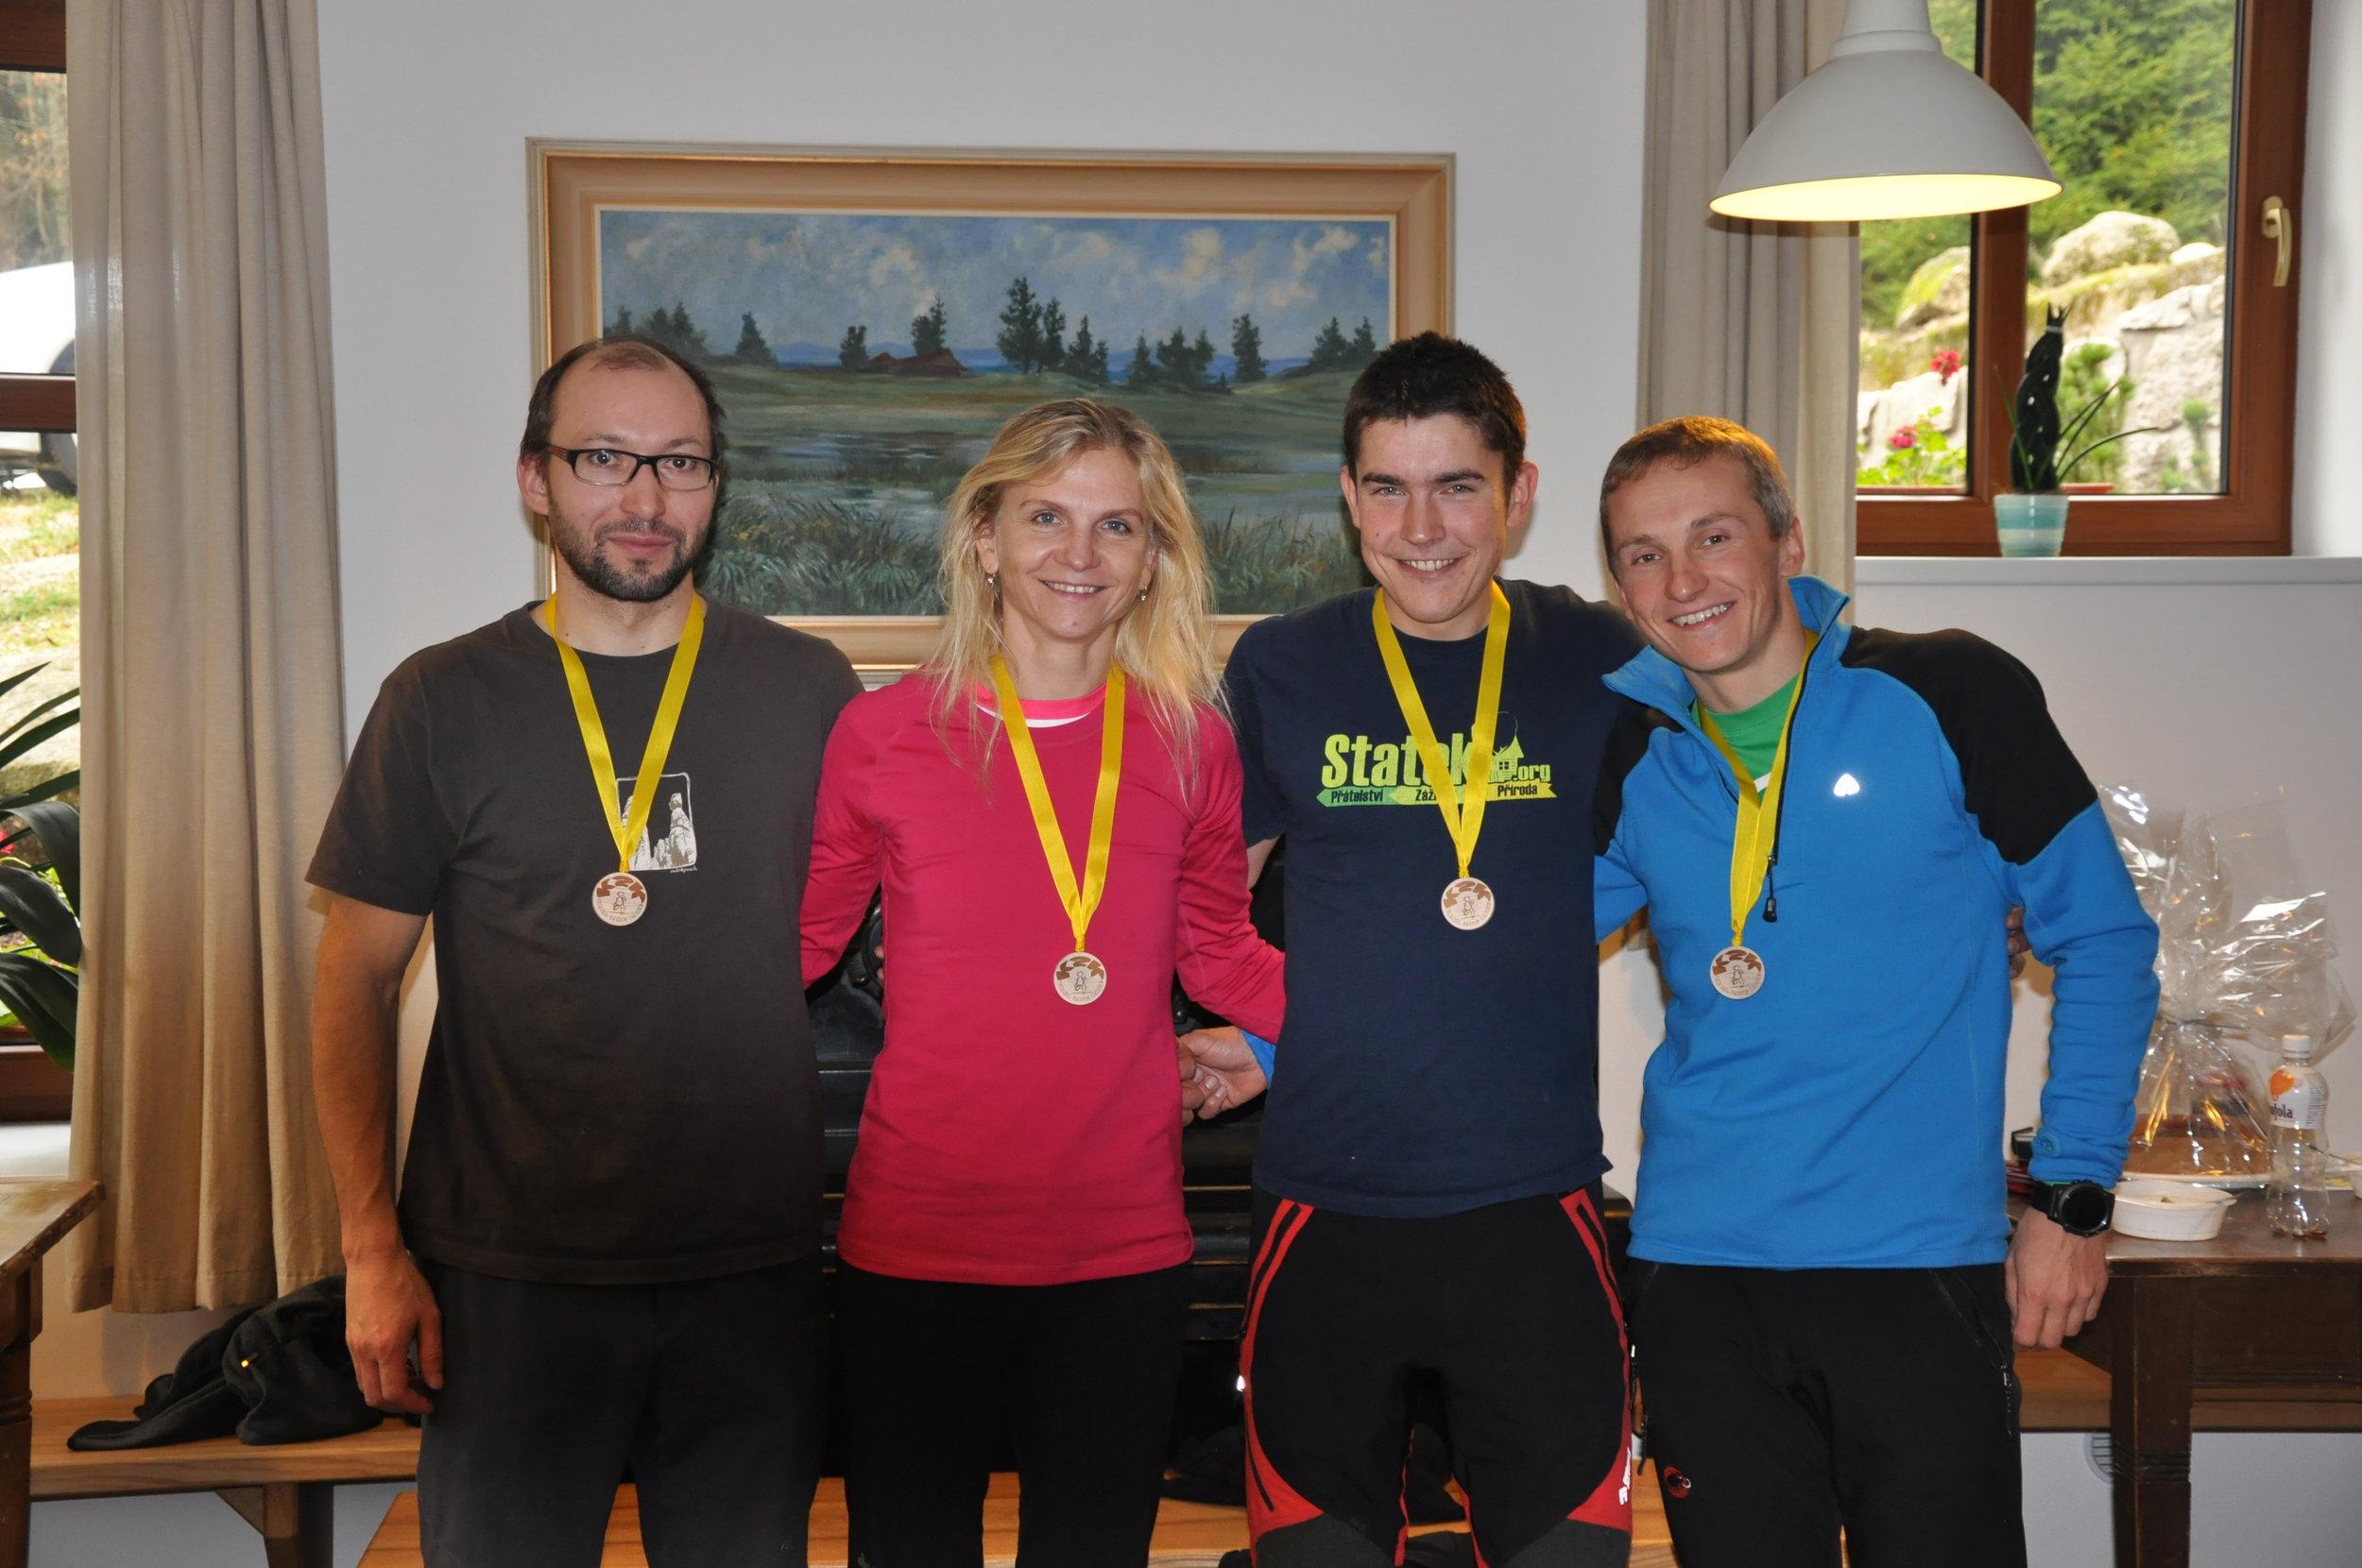 Naši vítězný Jizerský kamzíci (ZLEVA)3.místo - Petr Ehl, 1. místo - Marcela Rambová, 1.místo - Petr Polášek, 2. místo - Milan Krohlák.